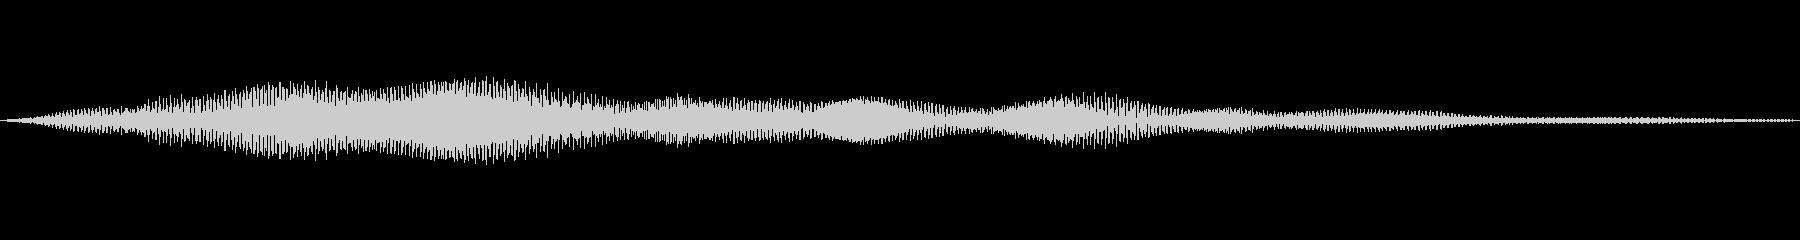 ヒーン(光テロップ)の未再生の波形